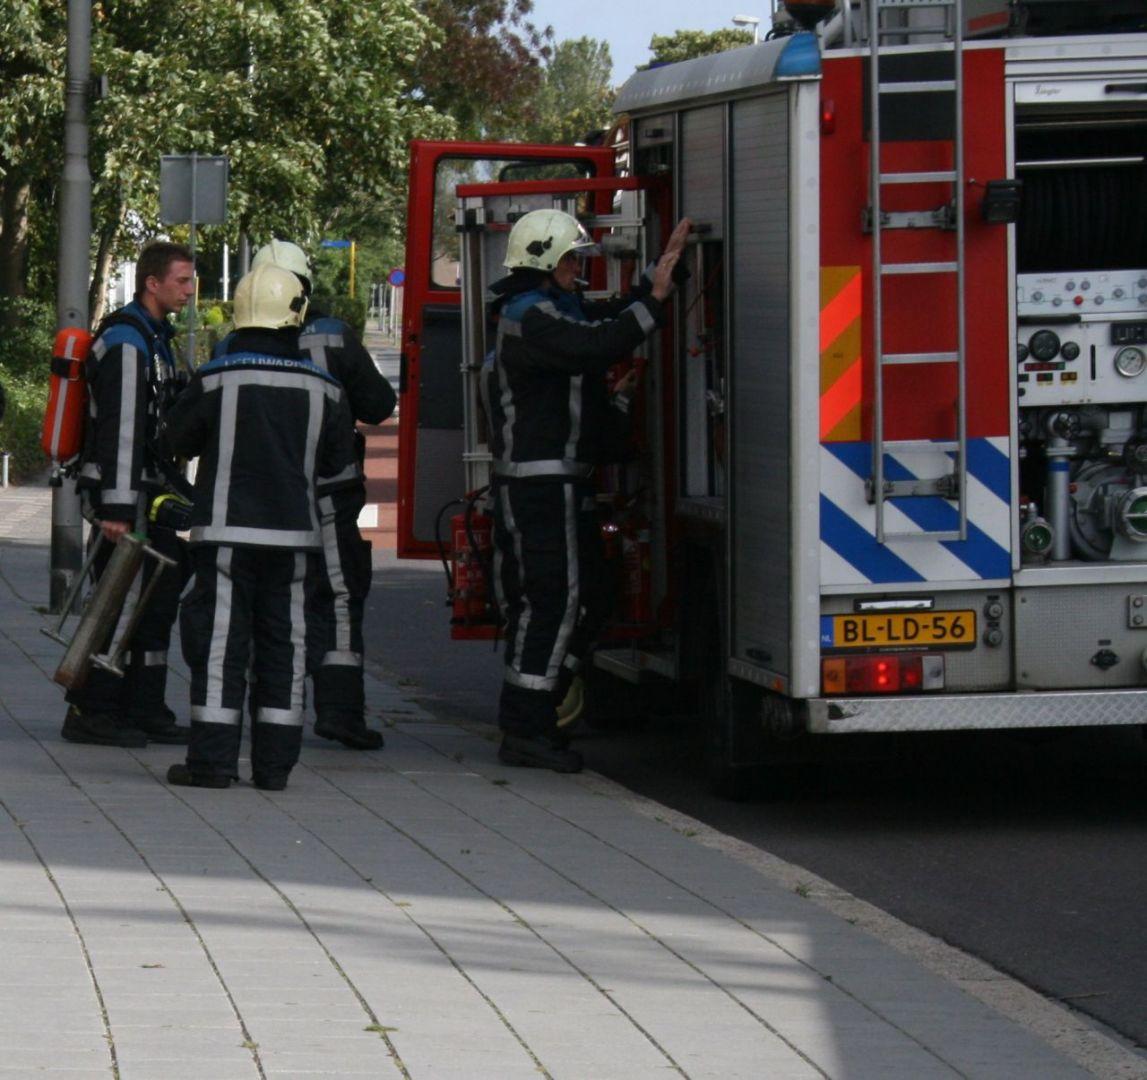 112weekend: Stormschade en brandgerucht